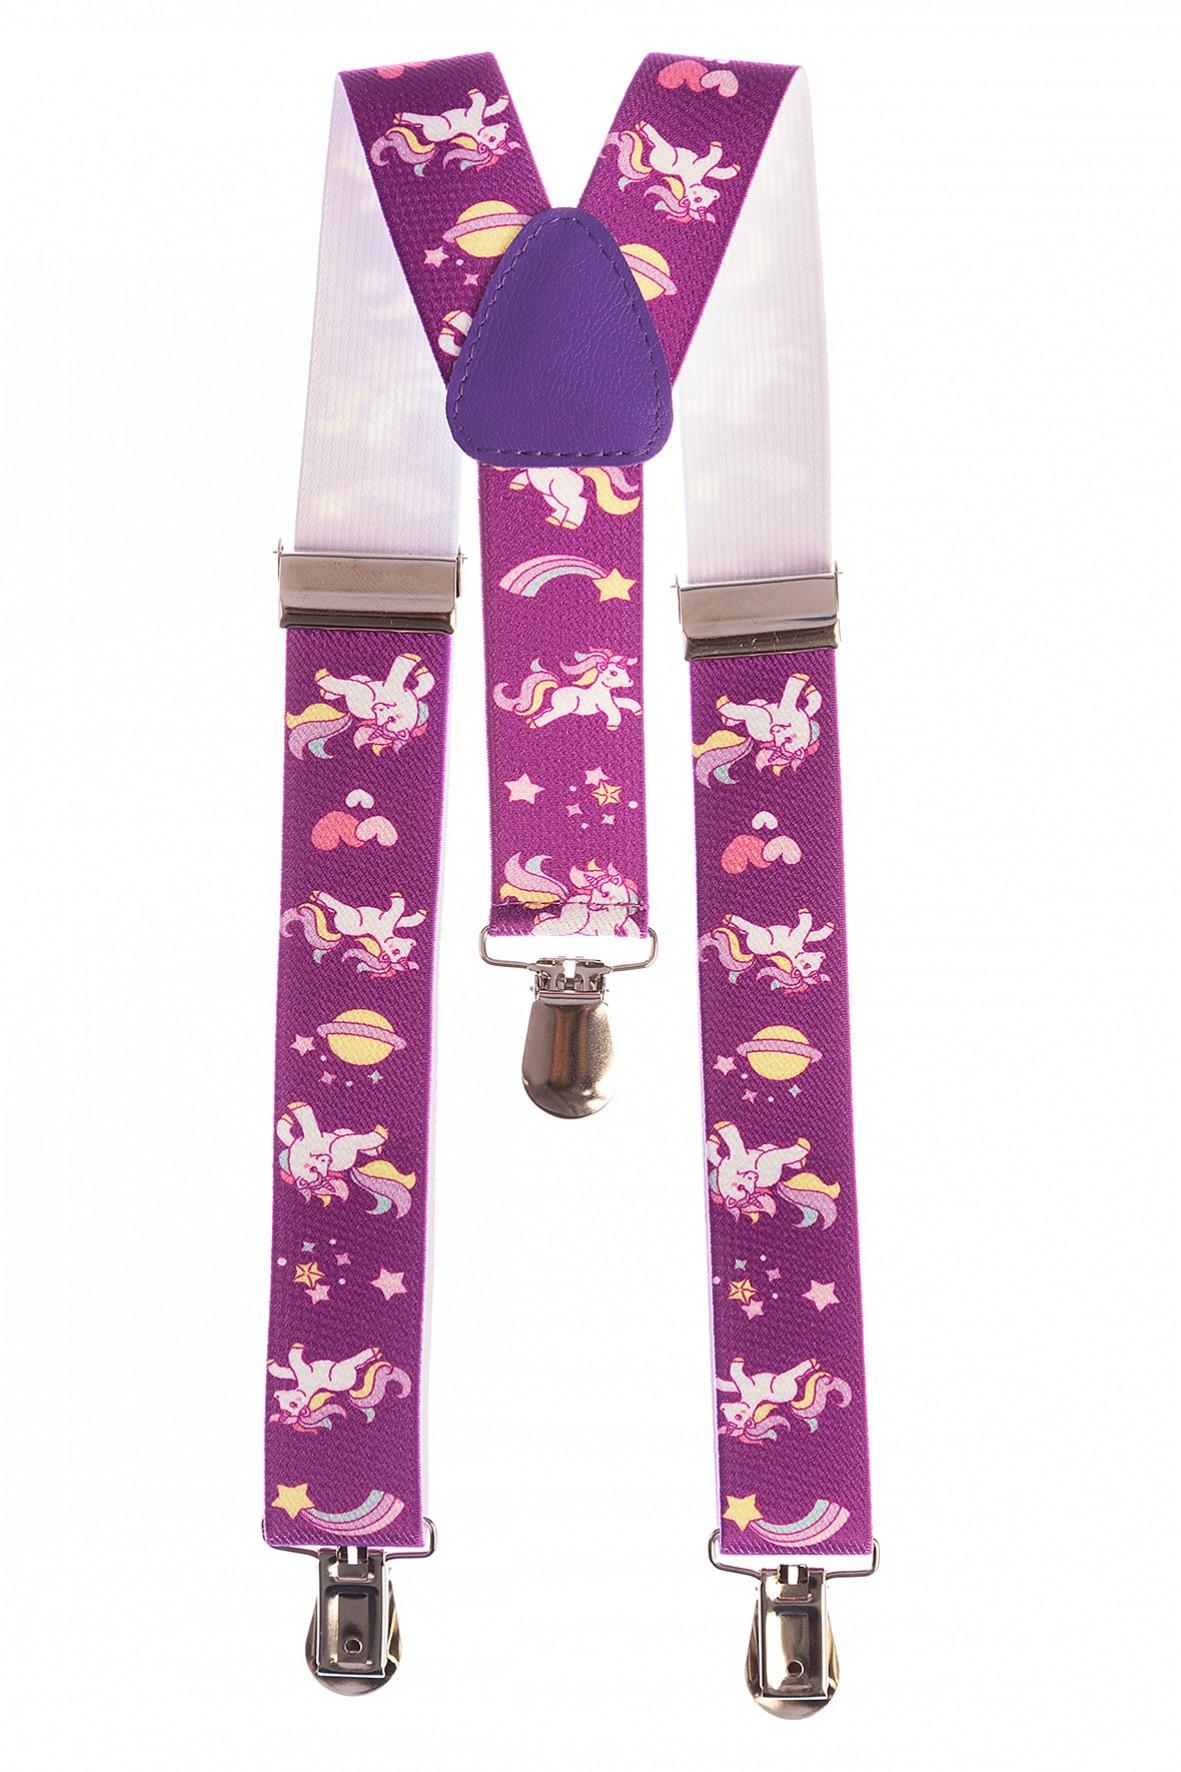 Szelki do spodni dla dziewczynki fioletowe w jednorożce